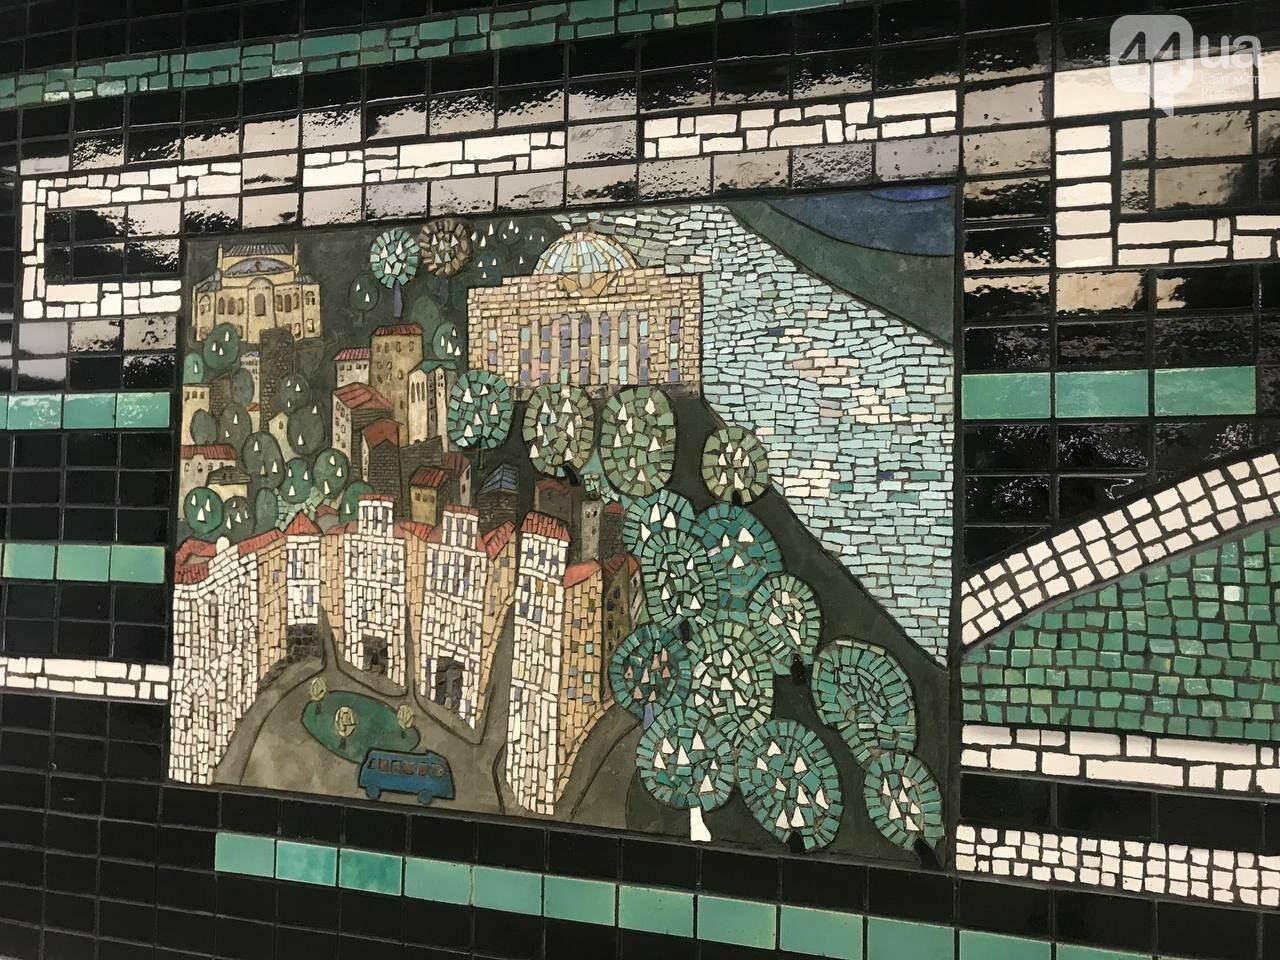 Третий этаж автовокзала: гостиница и уникальные мозаики, Фото: 44.ua